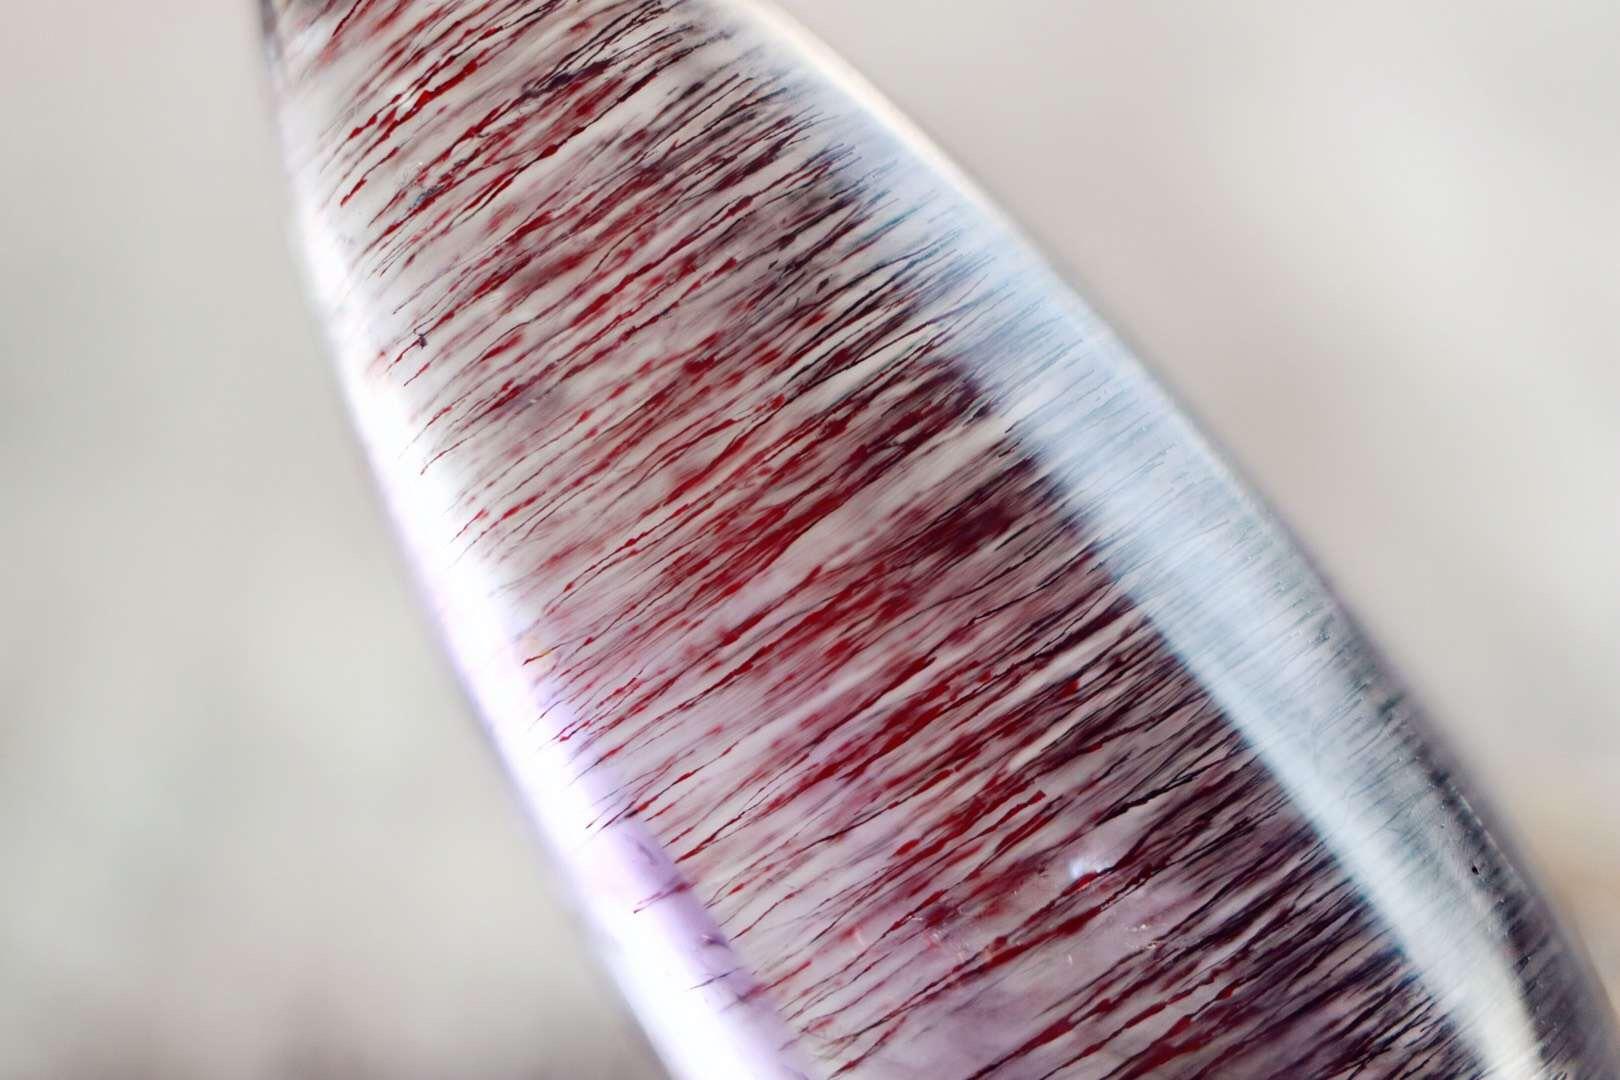 【菩心紫发晶】似有花落满怀,似有暗香迎面~~-菩心晶舍